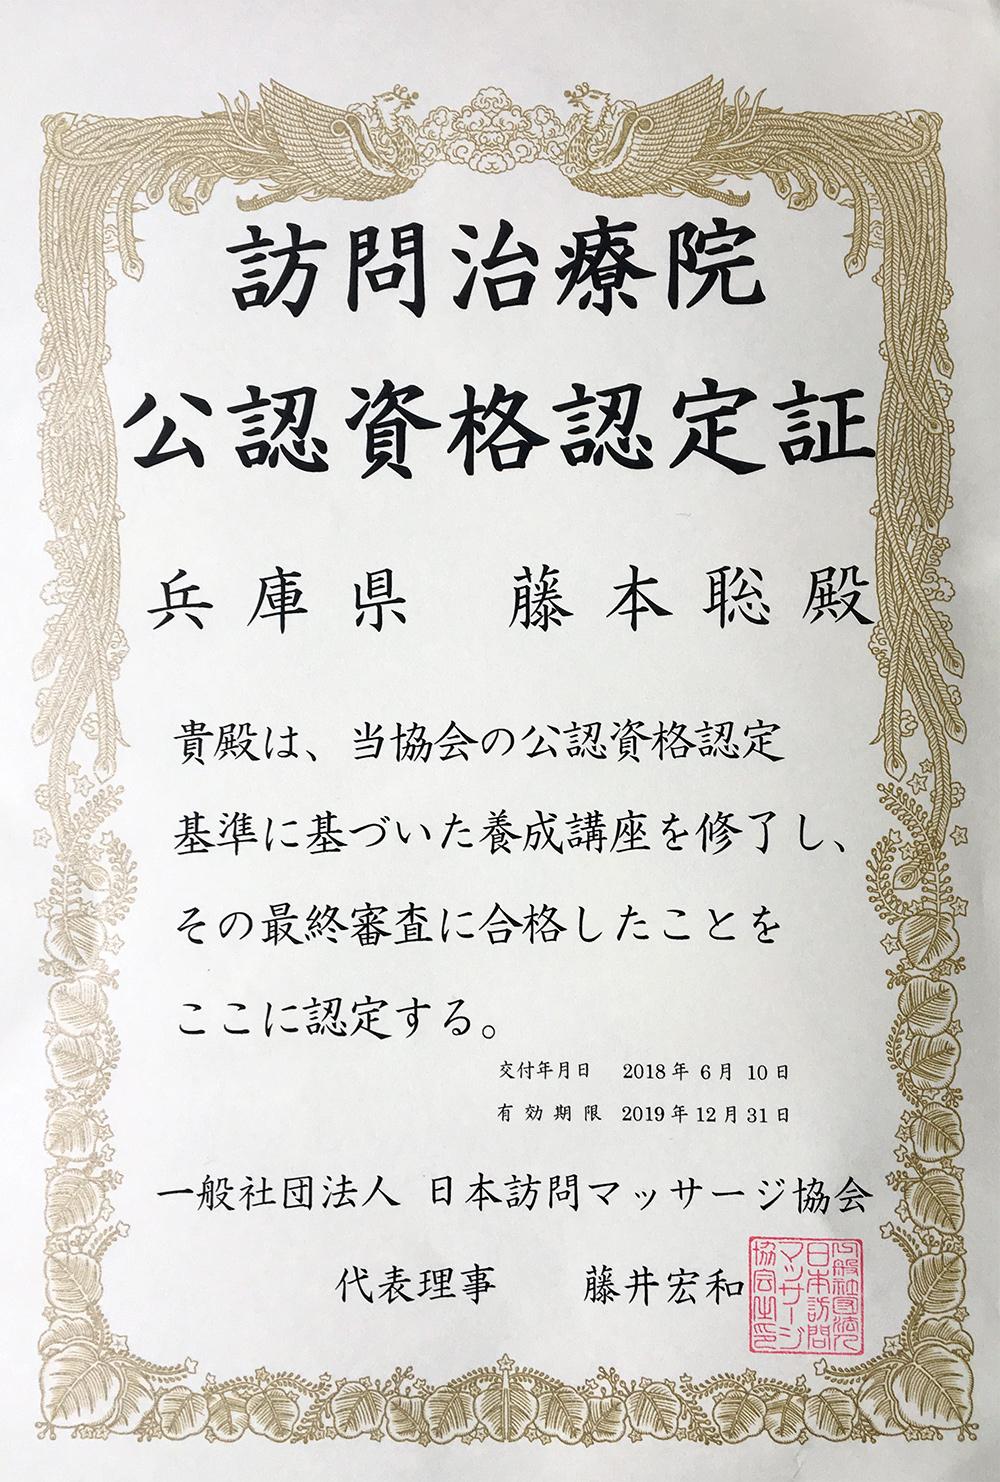 あい鍼灸治療院の代表者、訪問治療院認定証